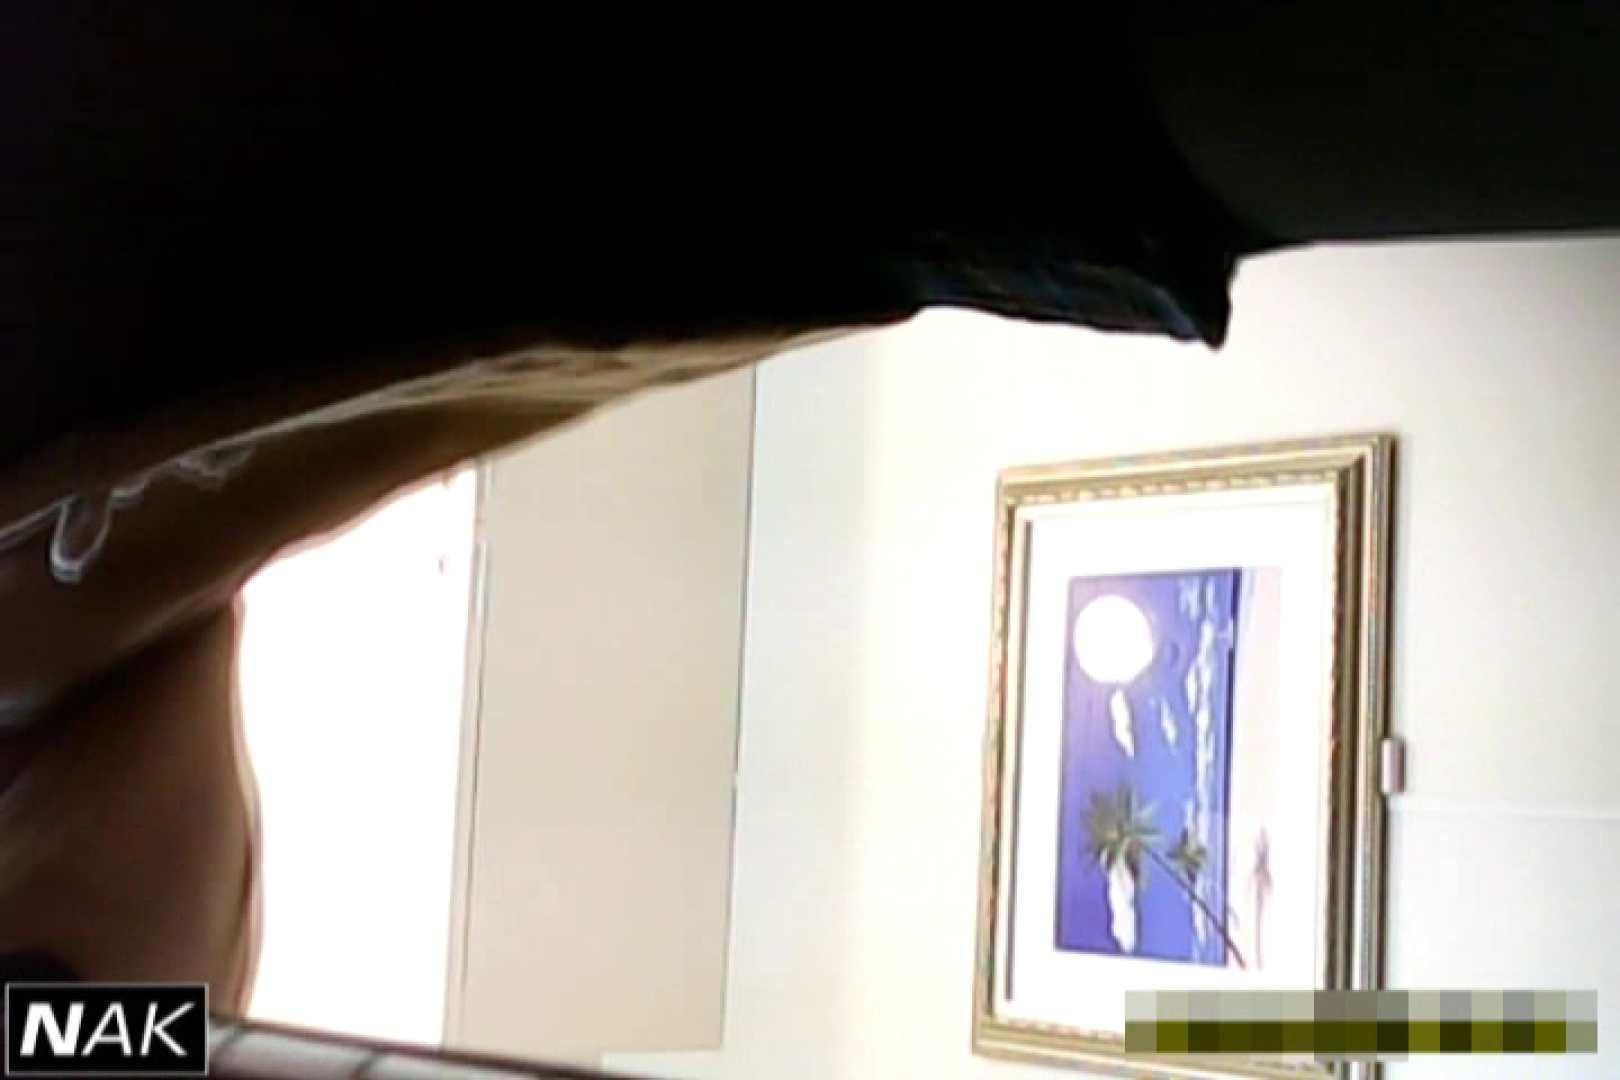 超高画質5000K!脅威の1点集中かわや! vol.02 マンコ・ムレムレ 戯れ無修正画像 92pic 57